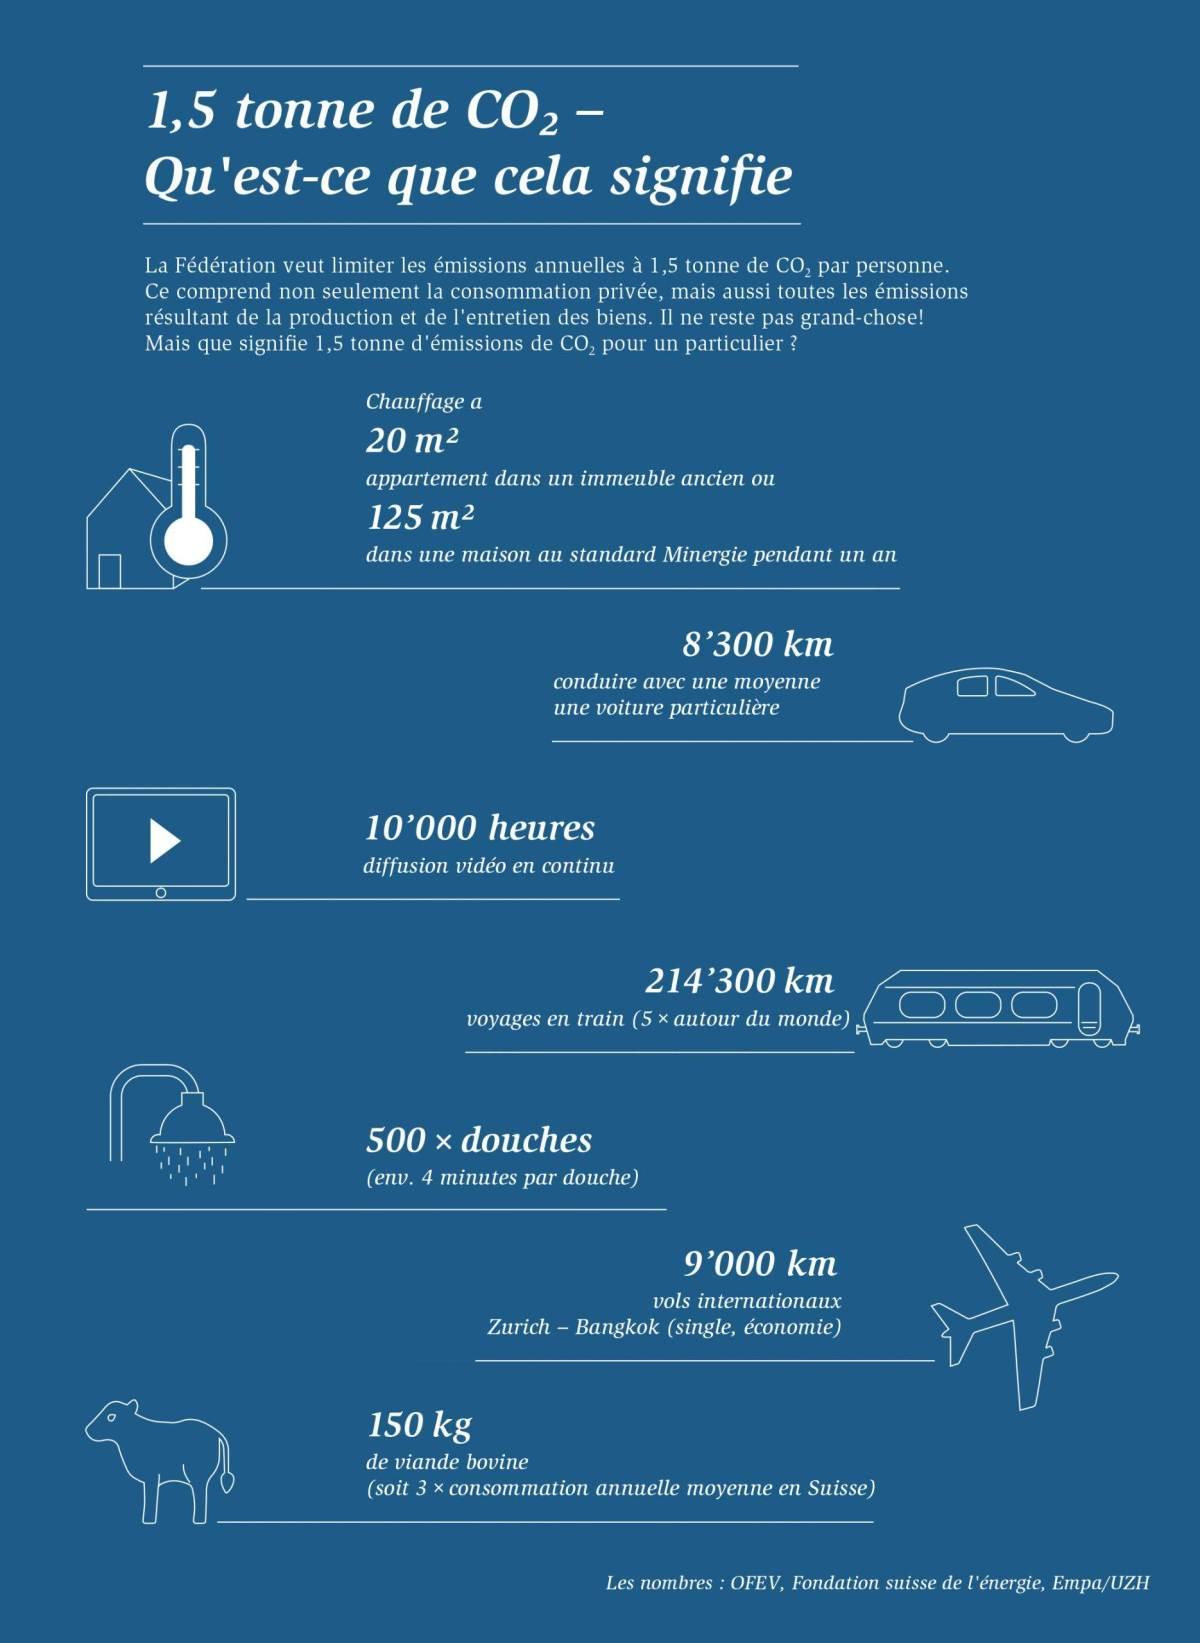 D'ici 2050, la Confédération entend ramener les émissions annuelles de CO2 à 1,5 tonne per capita. Graphique:Empa.